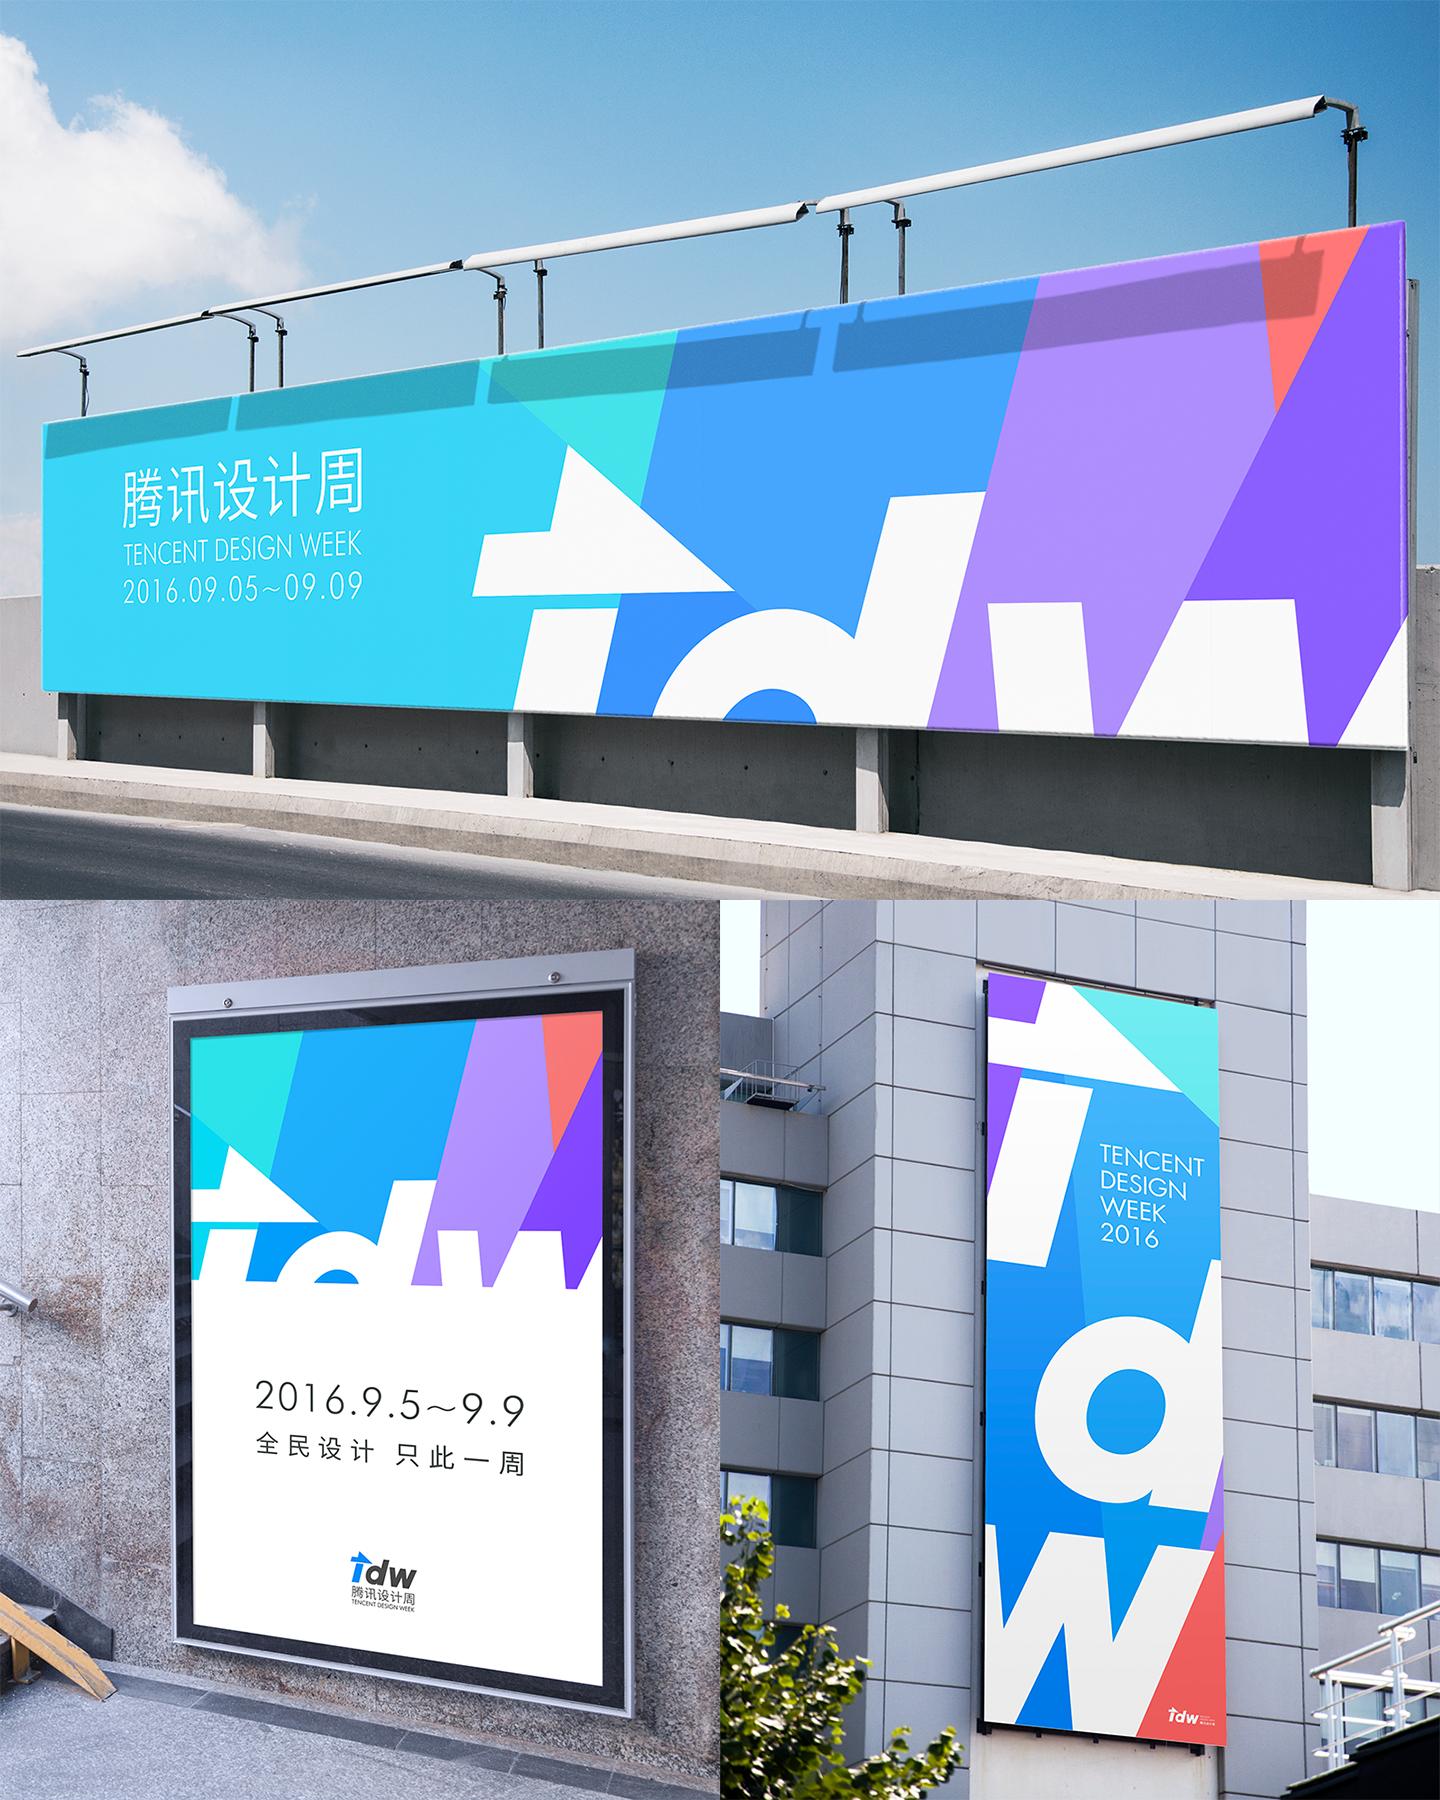 tdw-branding-03-application-outdoor